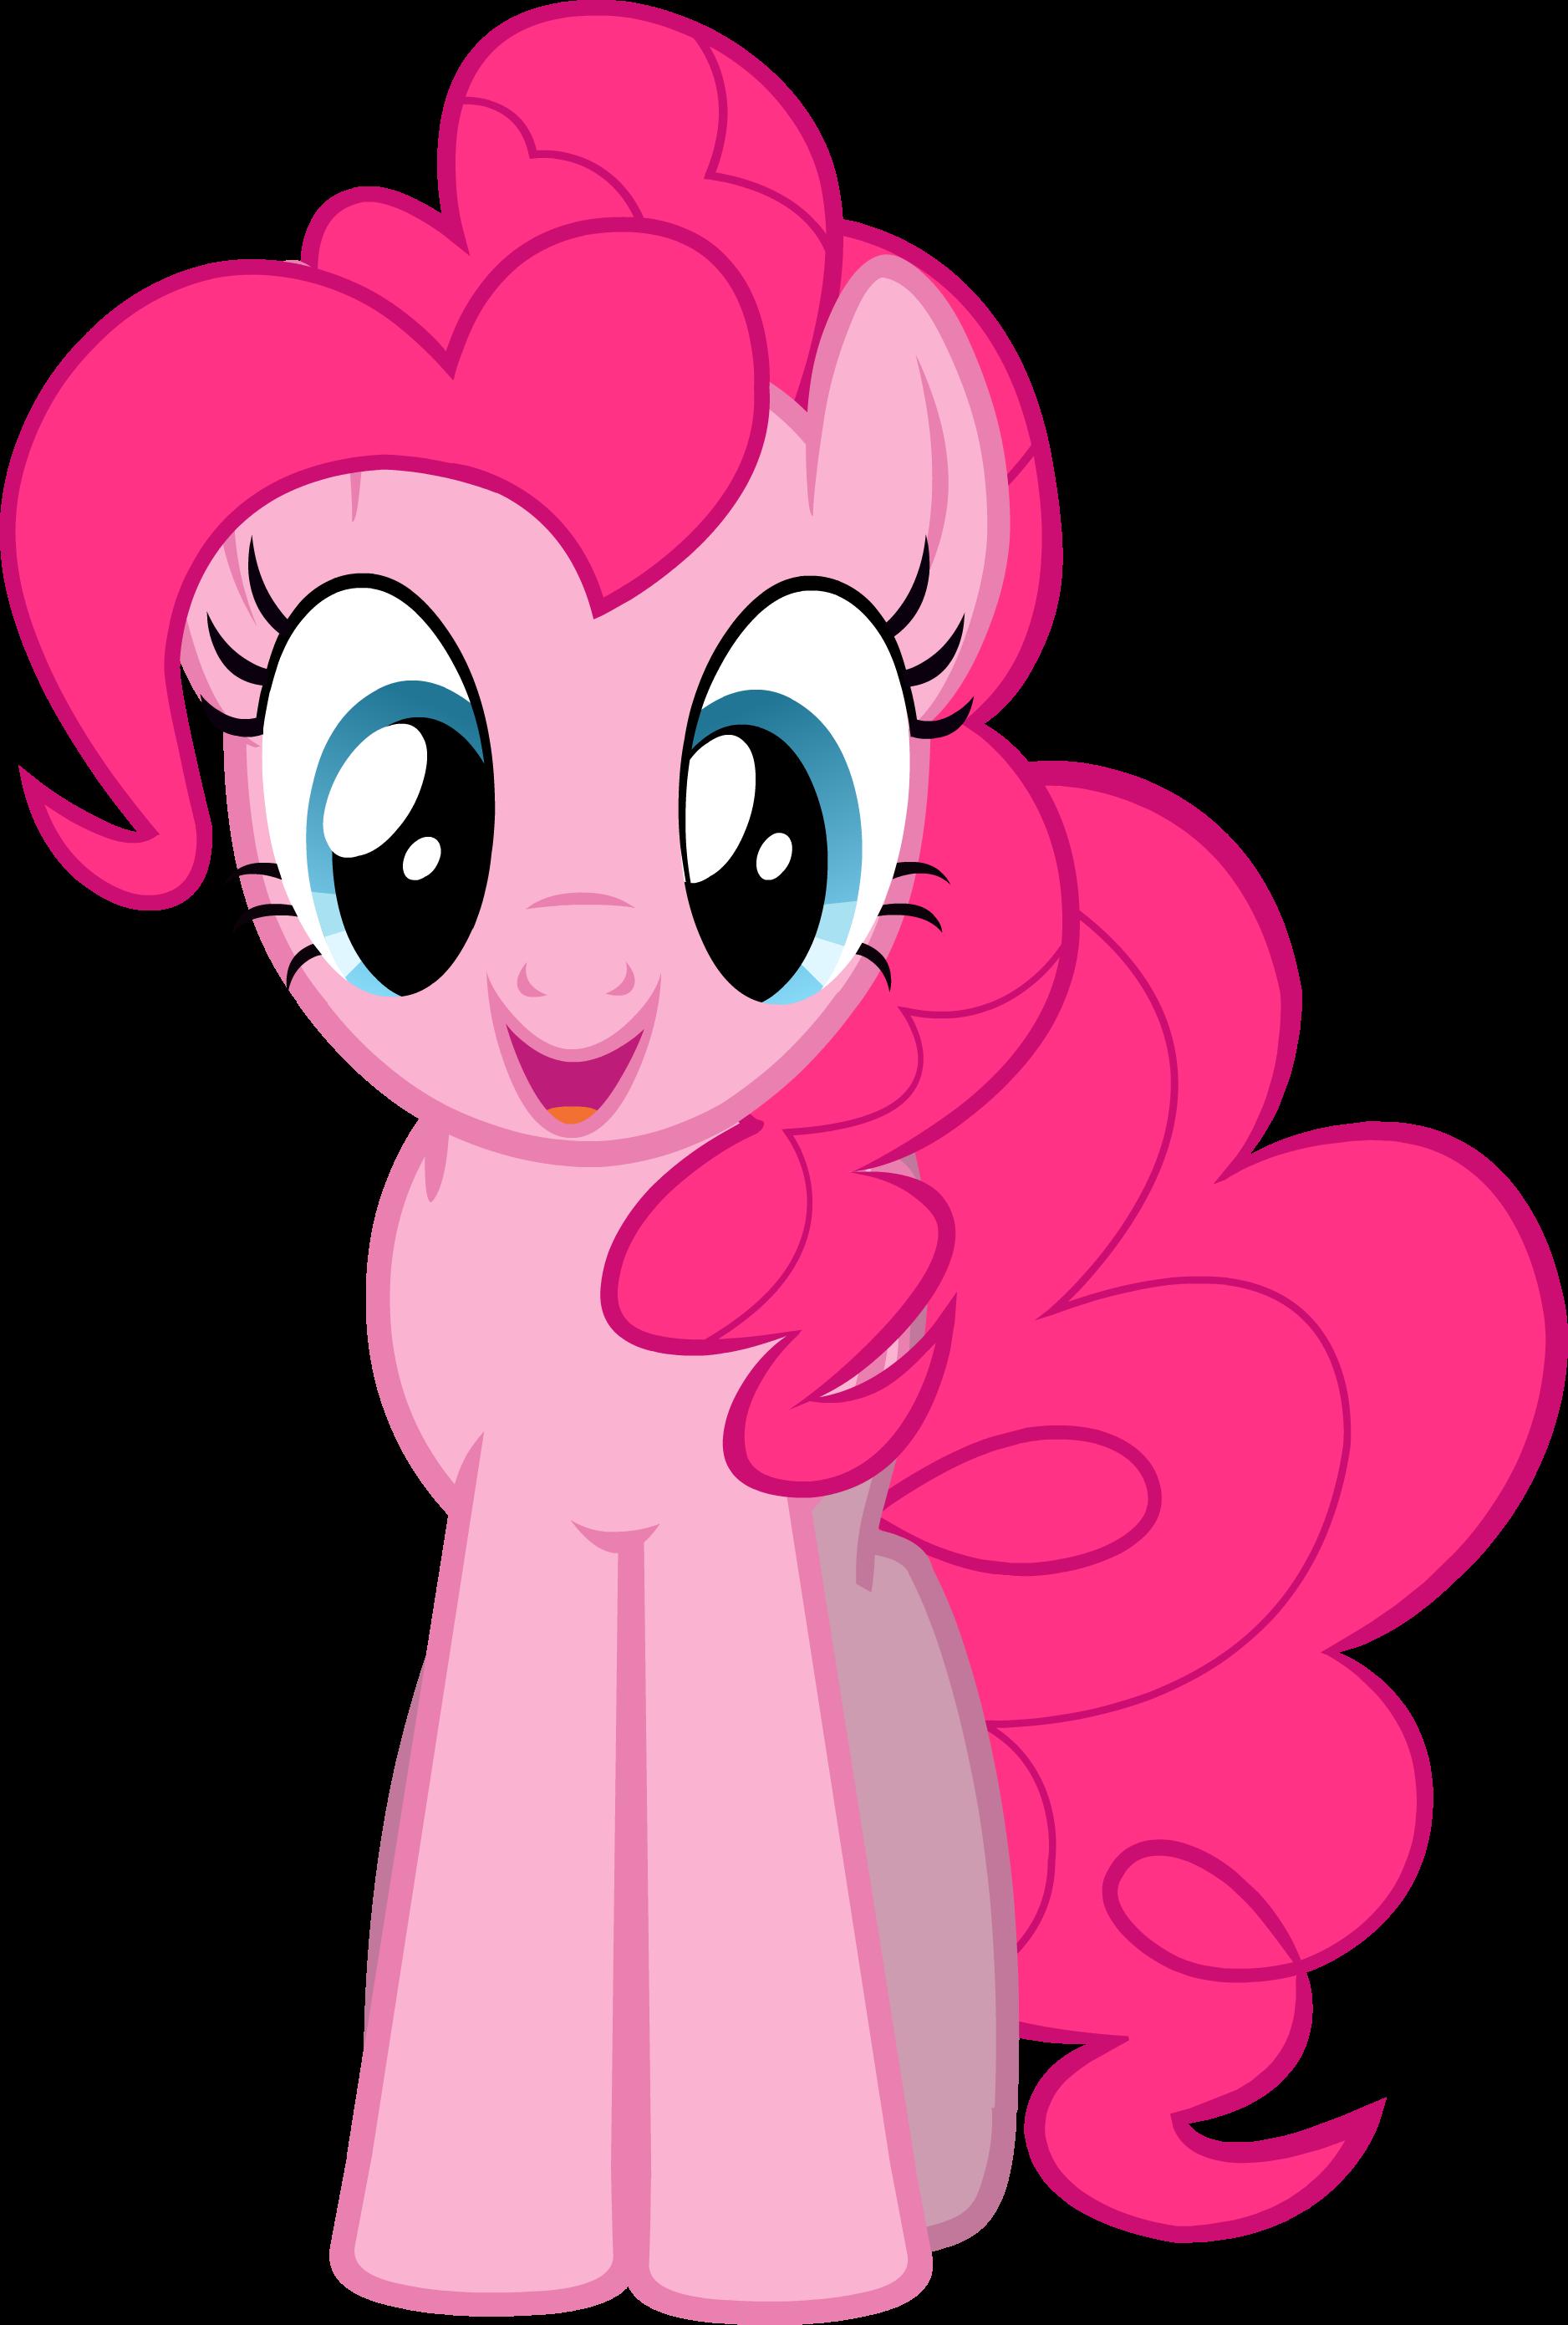 Mane 6 Png Imagenes My Little Pony Personajes De My Little Pony Cumple My Little Pony